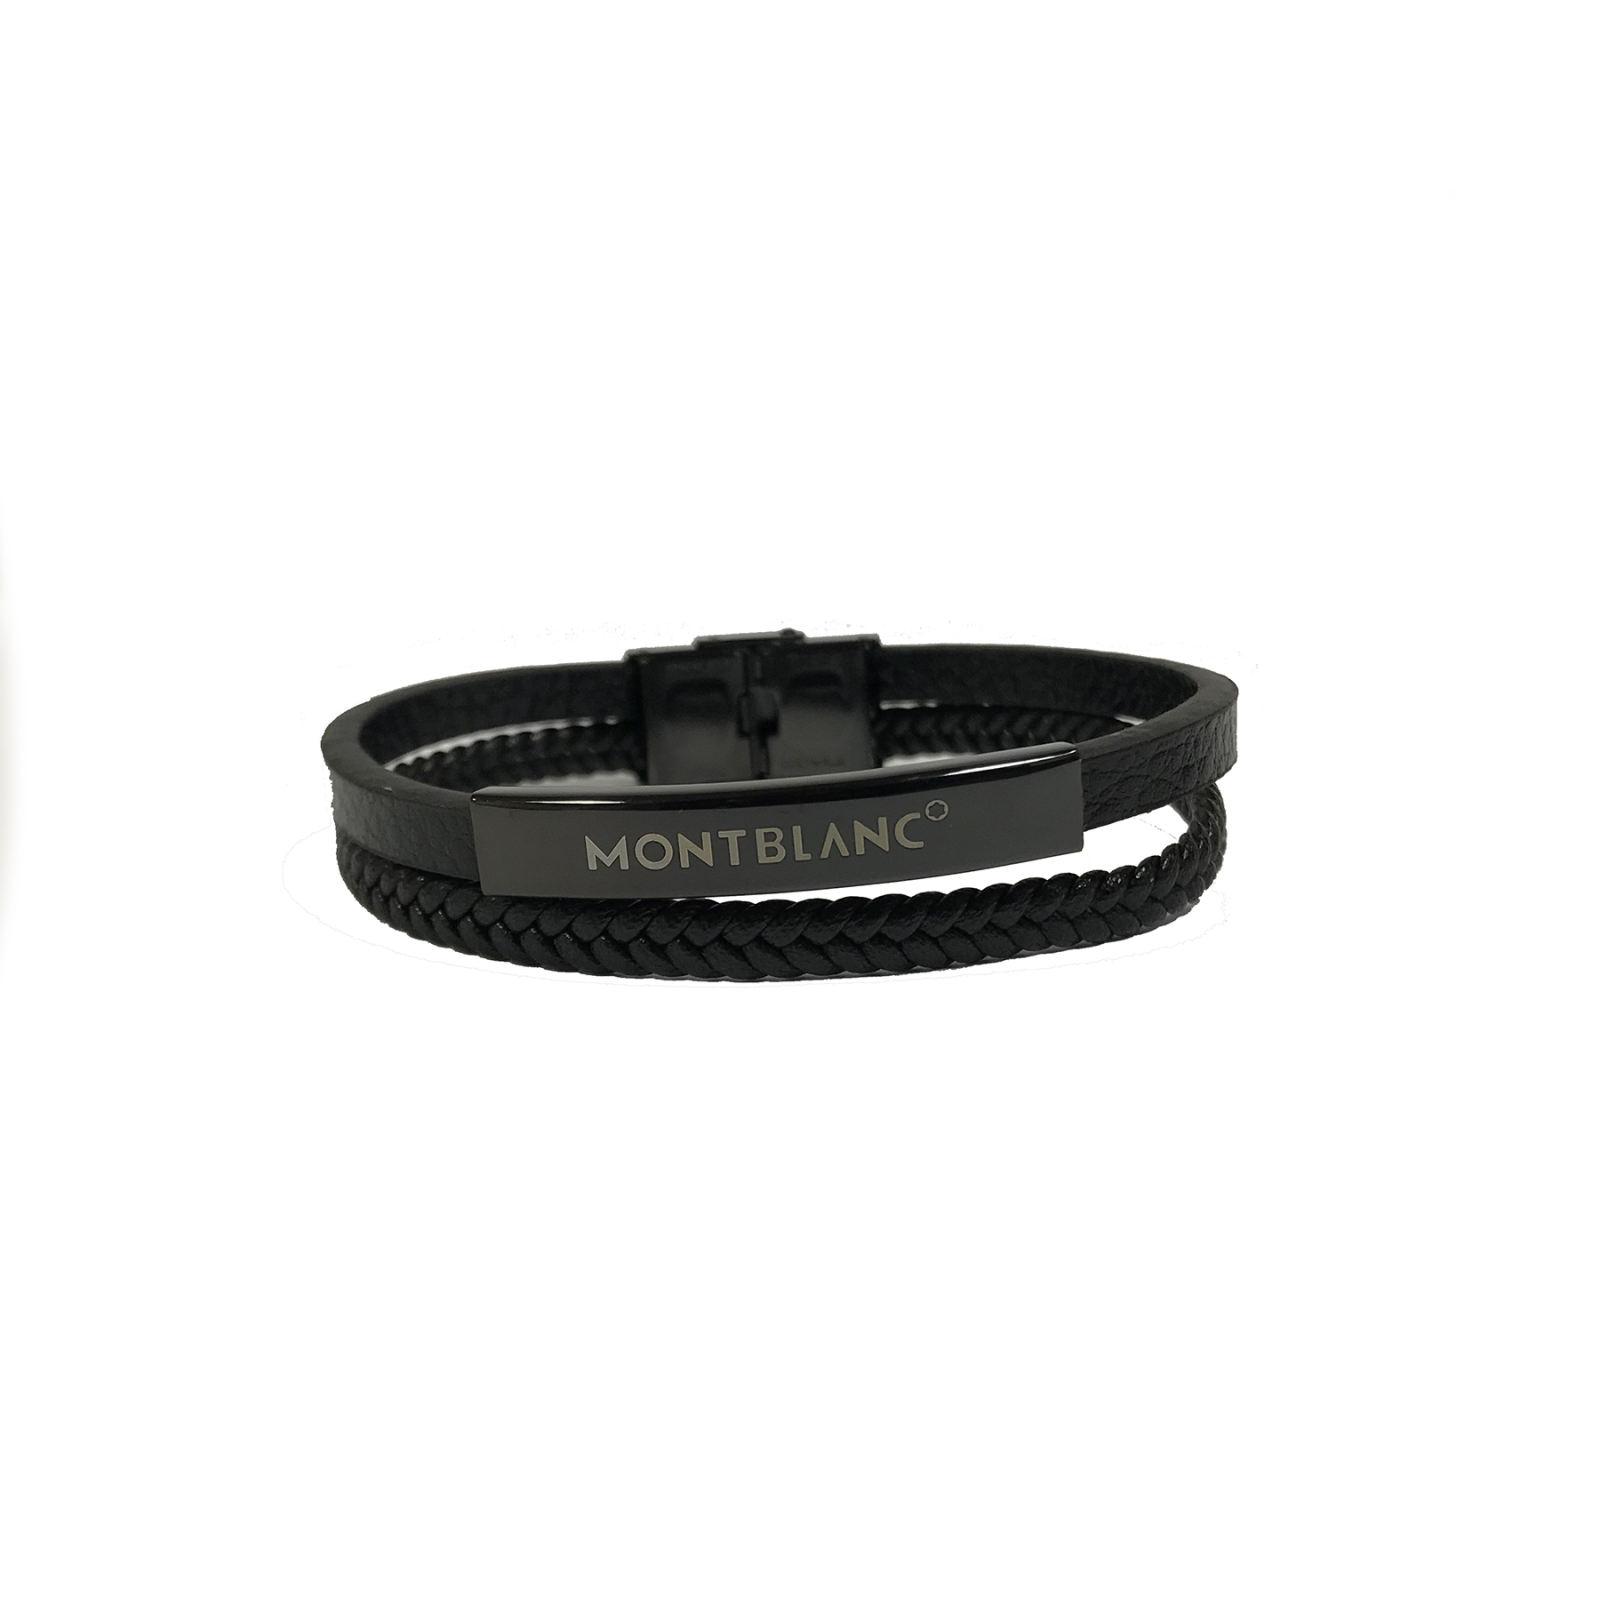 دستبند مردانه مون بلان  مدل 102 -  - 3